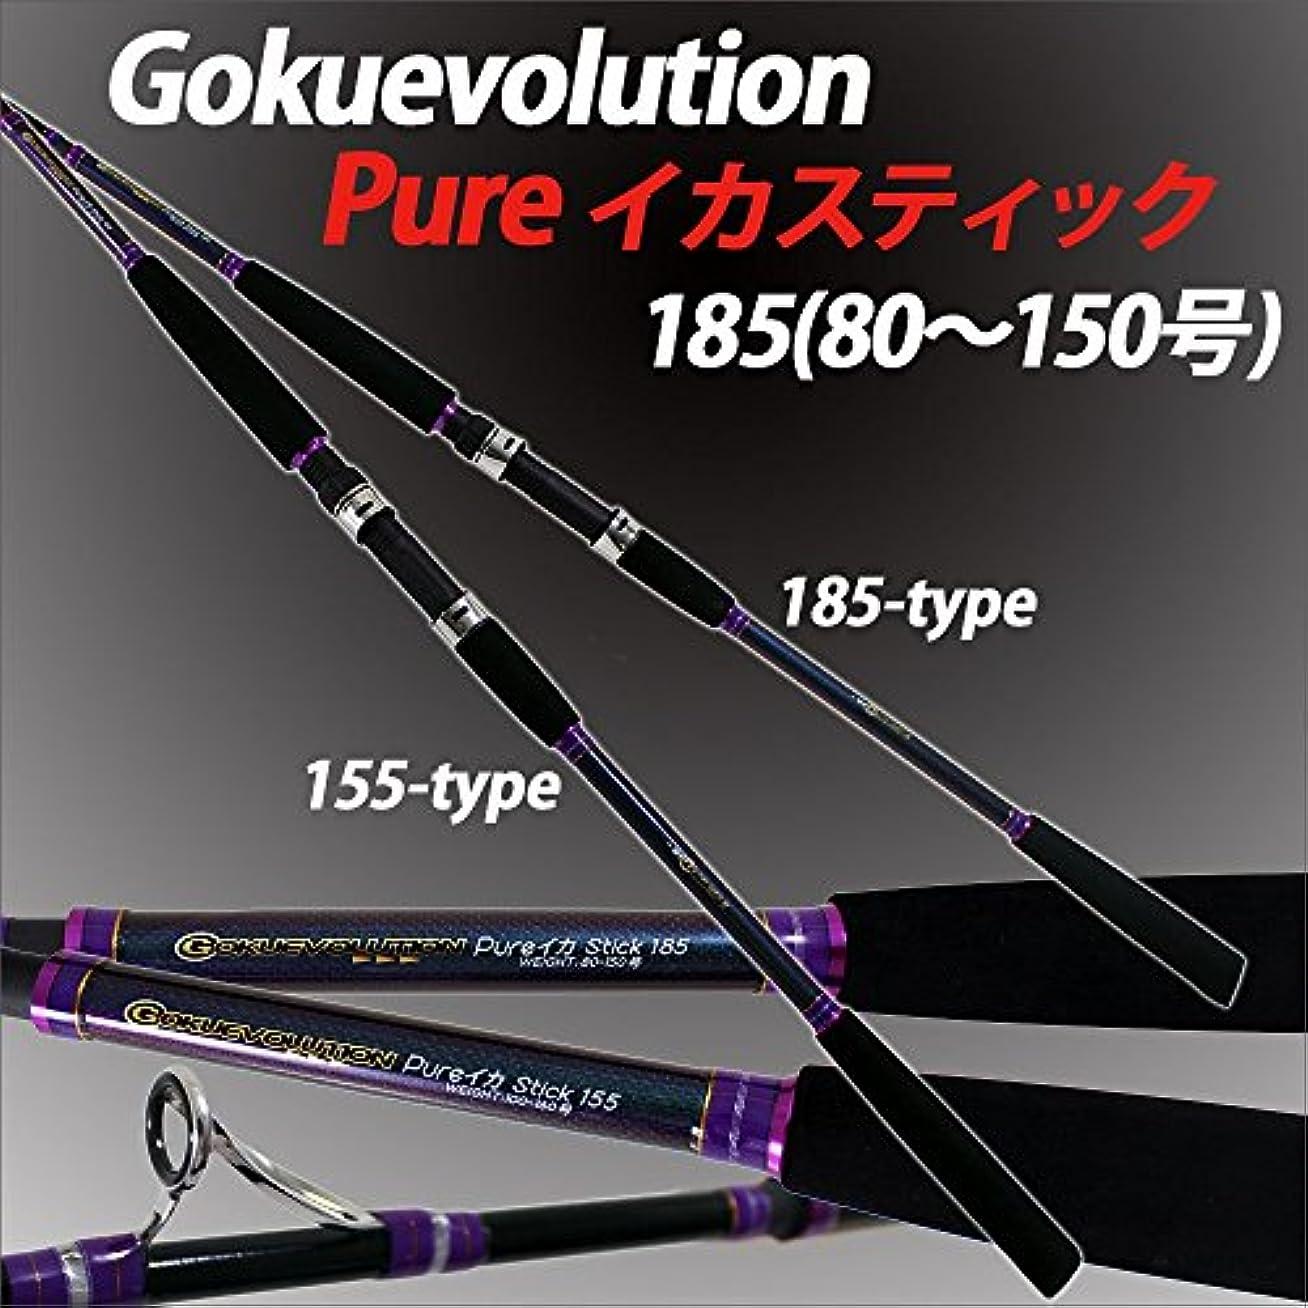 見て鳥混雑16'New 直結イカ Gokuevolution Pure イカスティック 185(80~150号)(90294)